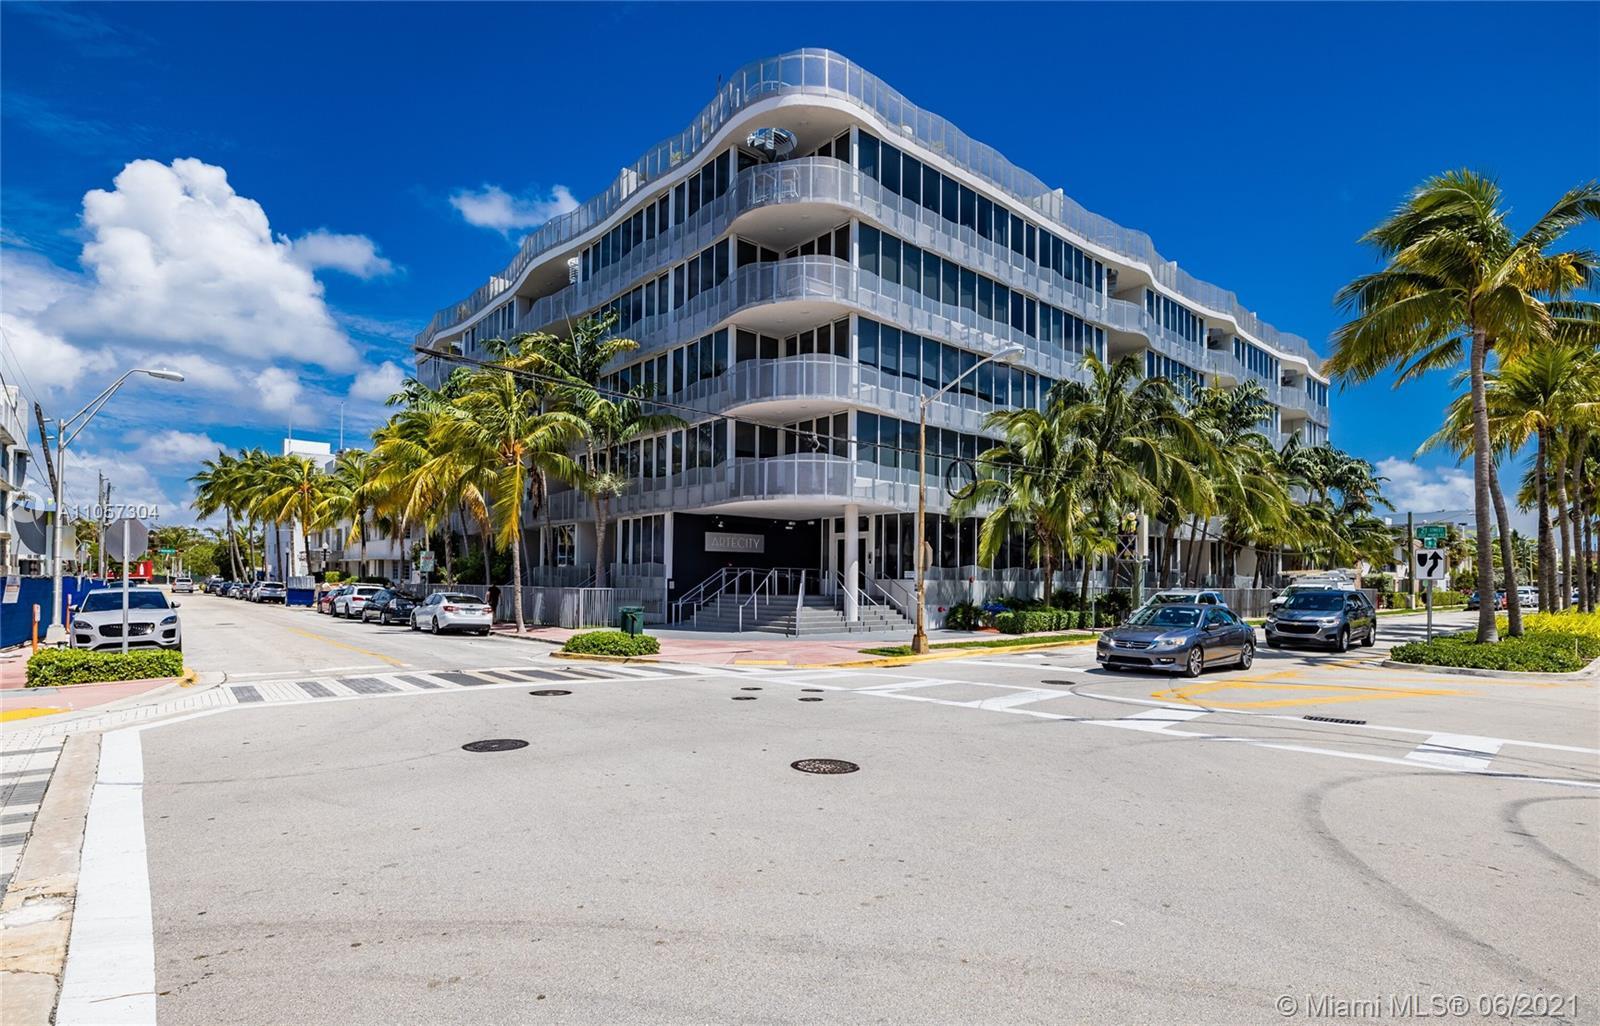 Artepark South #206 - 2100 Park Ave #206, Miami Beach, FL 33139